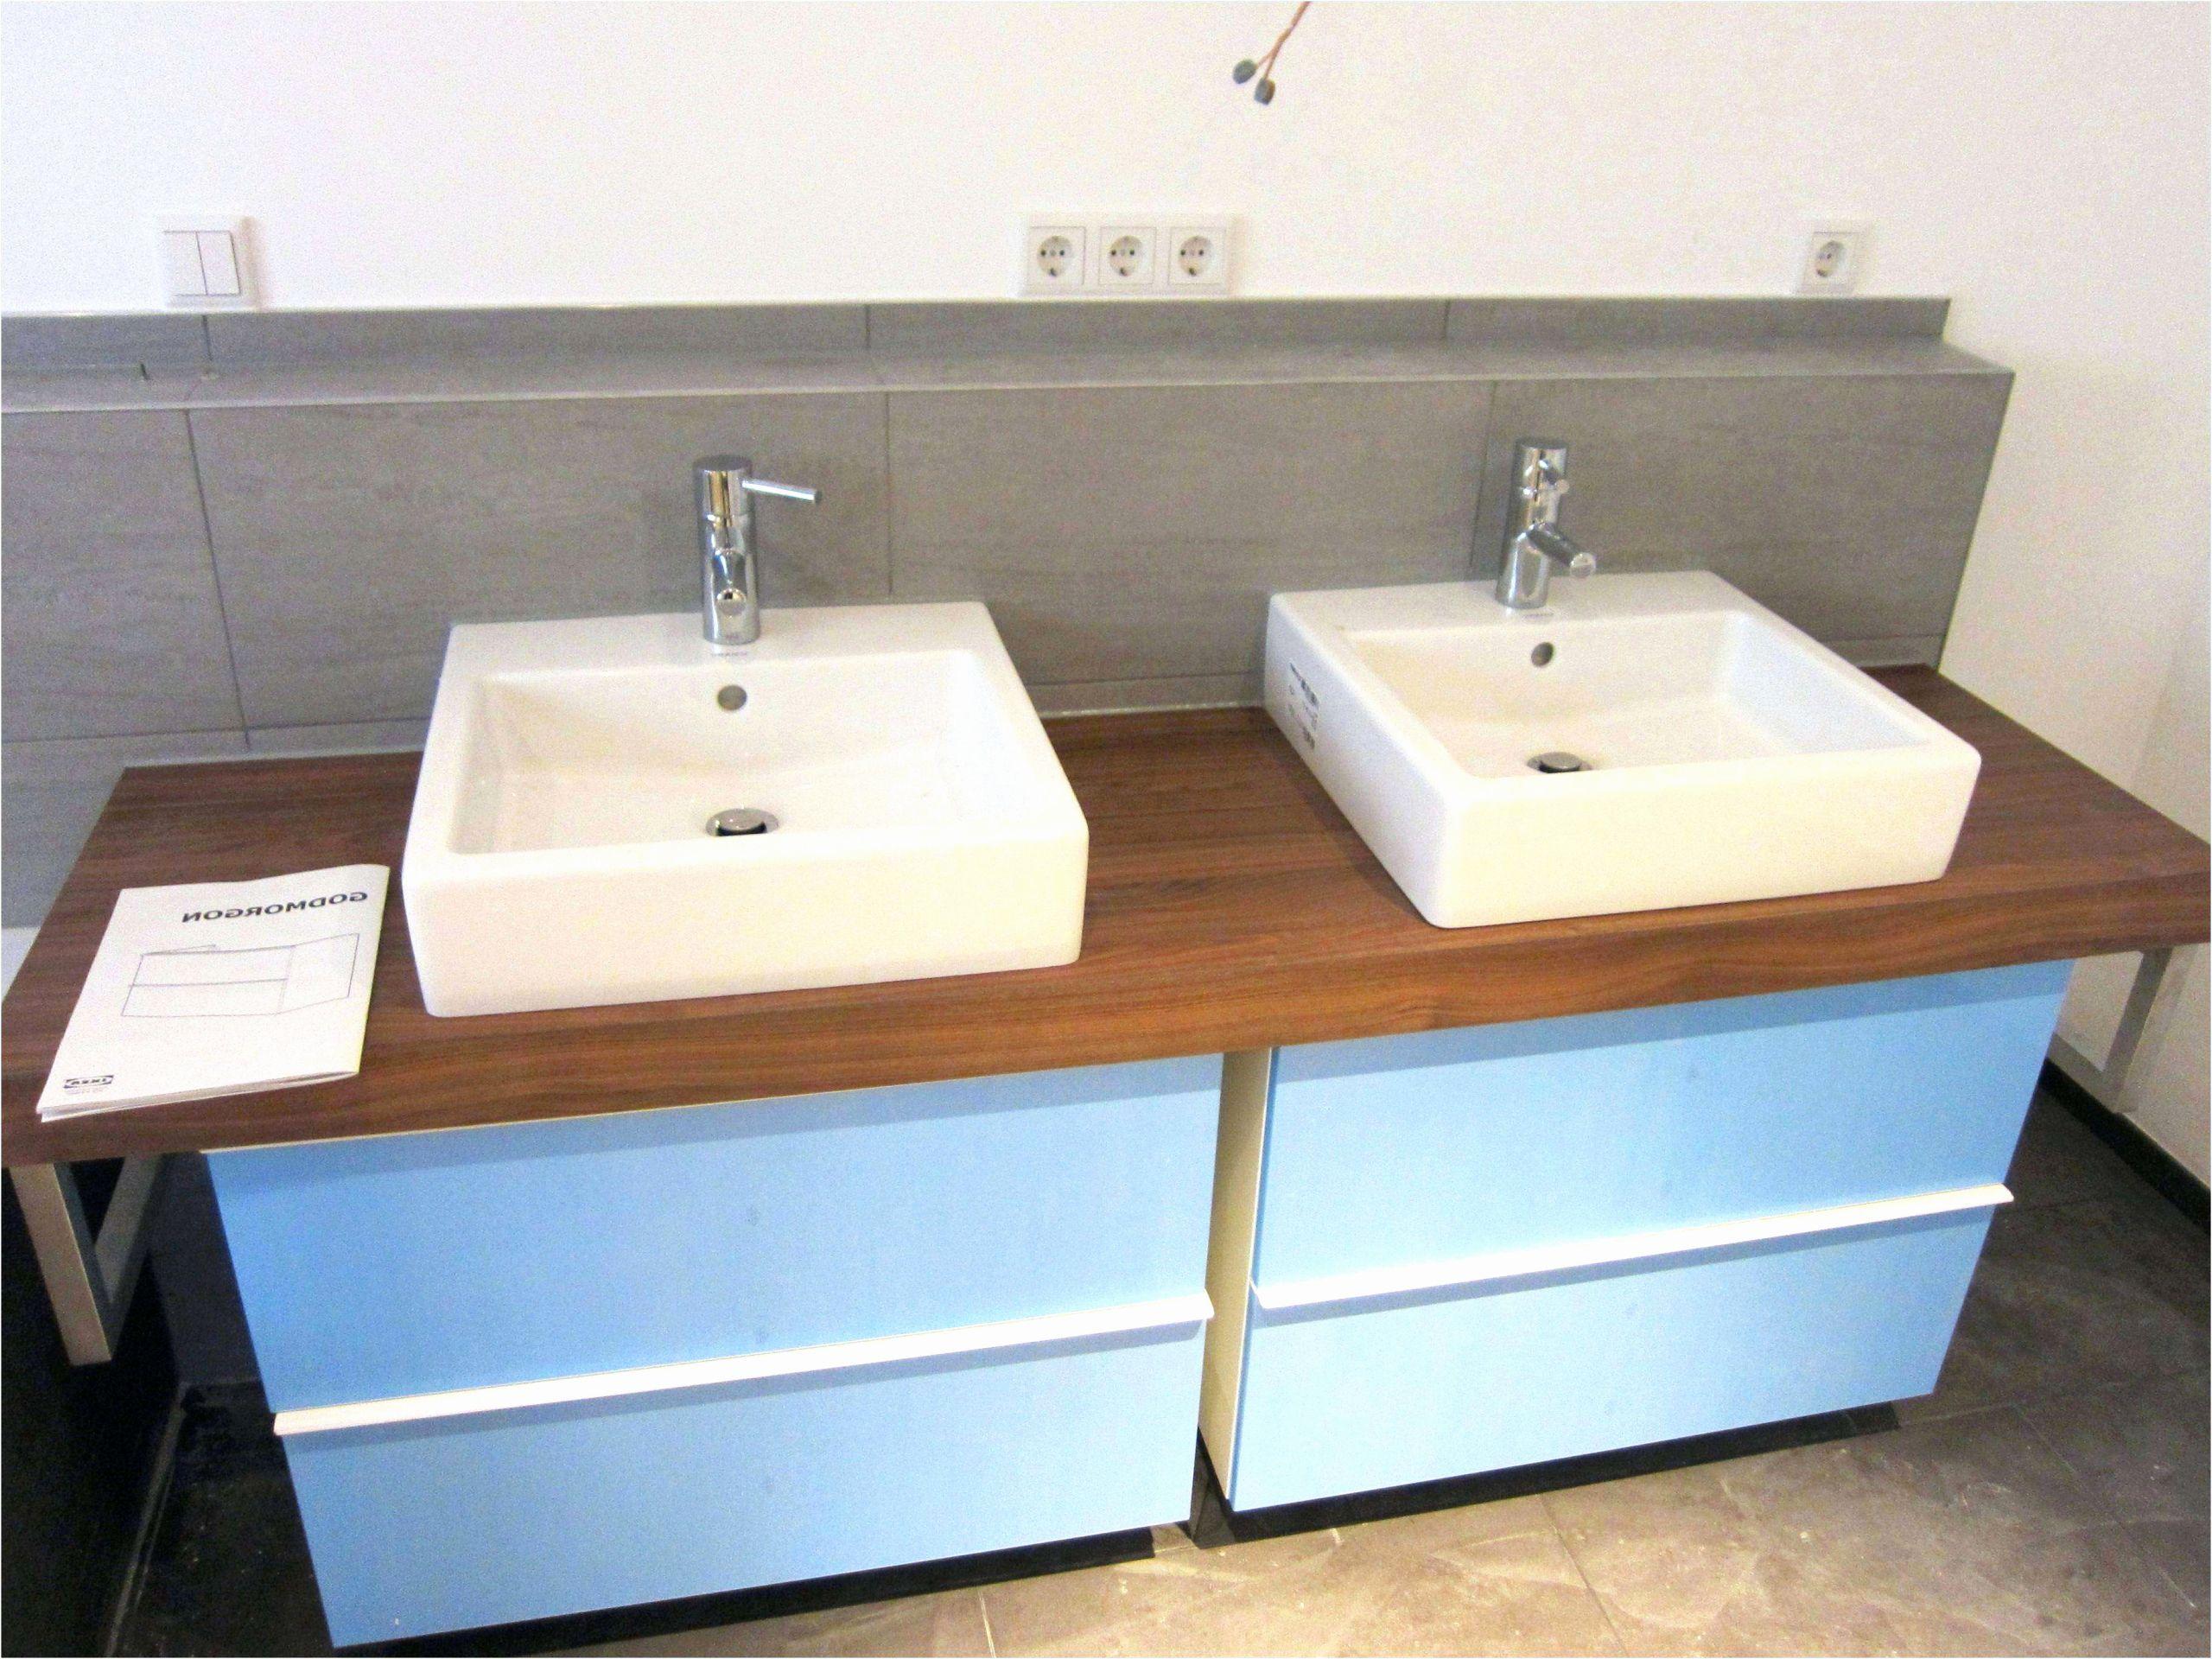 bad hochschrank holz elegant bad waschtisch holz konzepte 45 luxus von badezimmer kommode holz of bad hochschrank holz